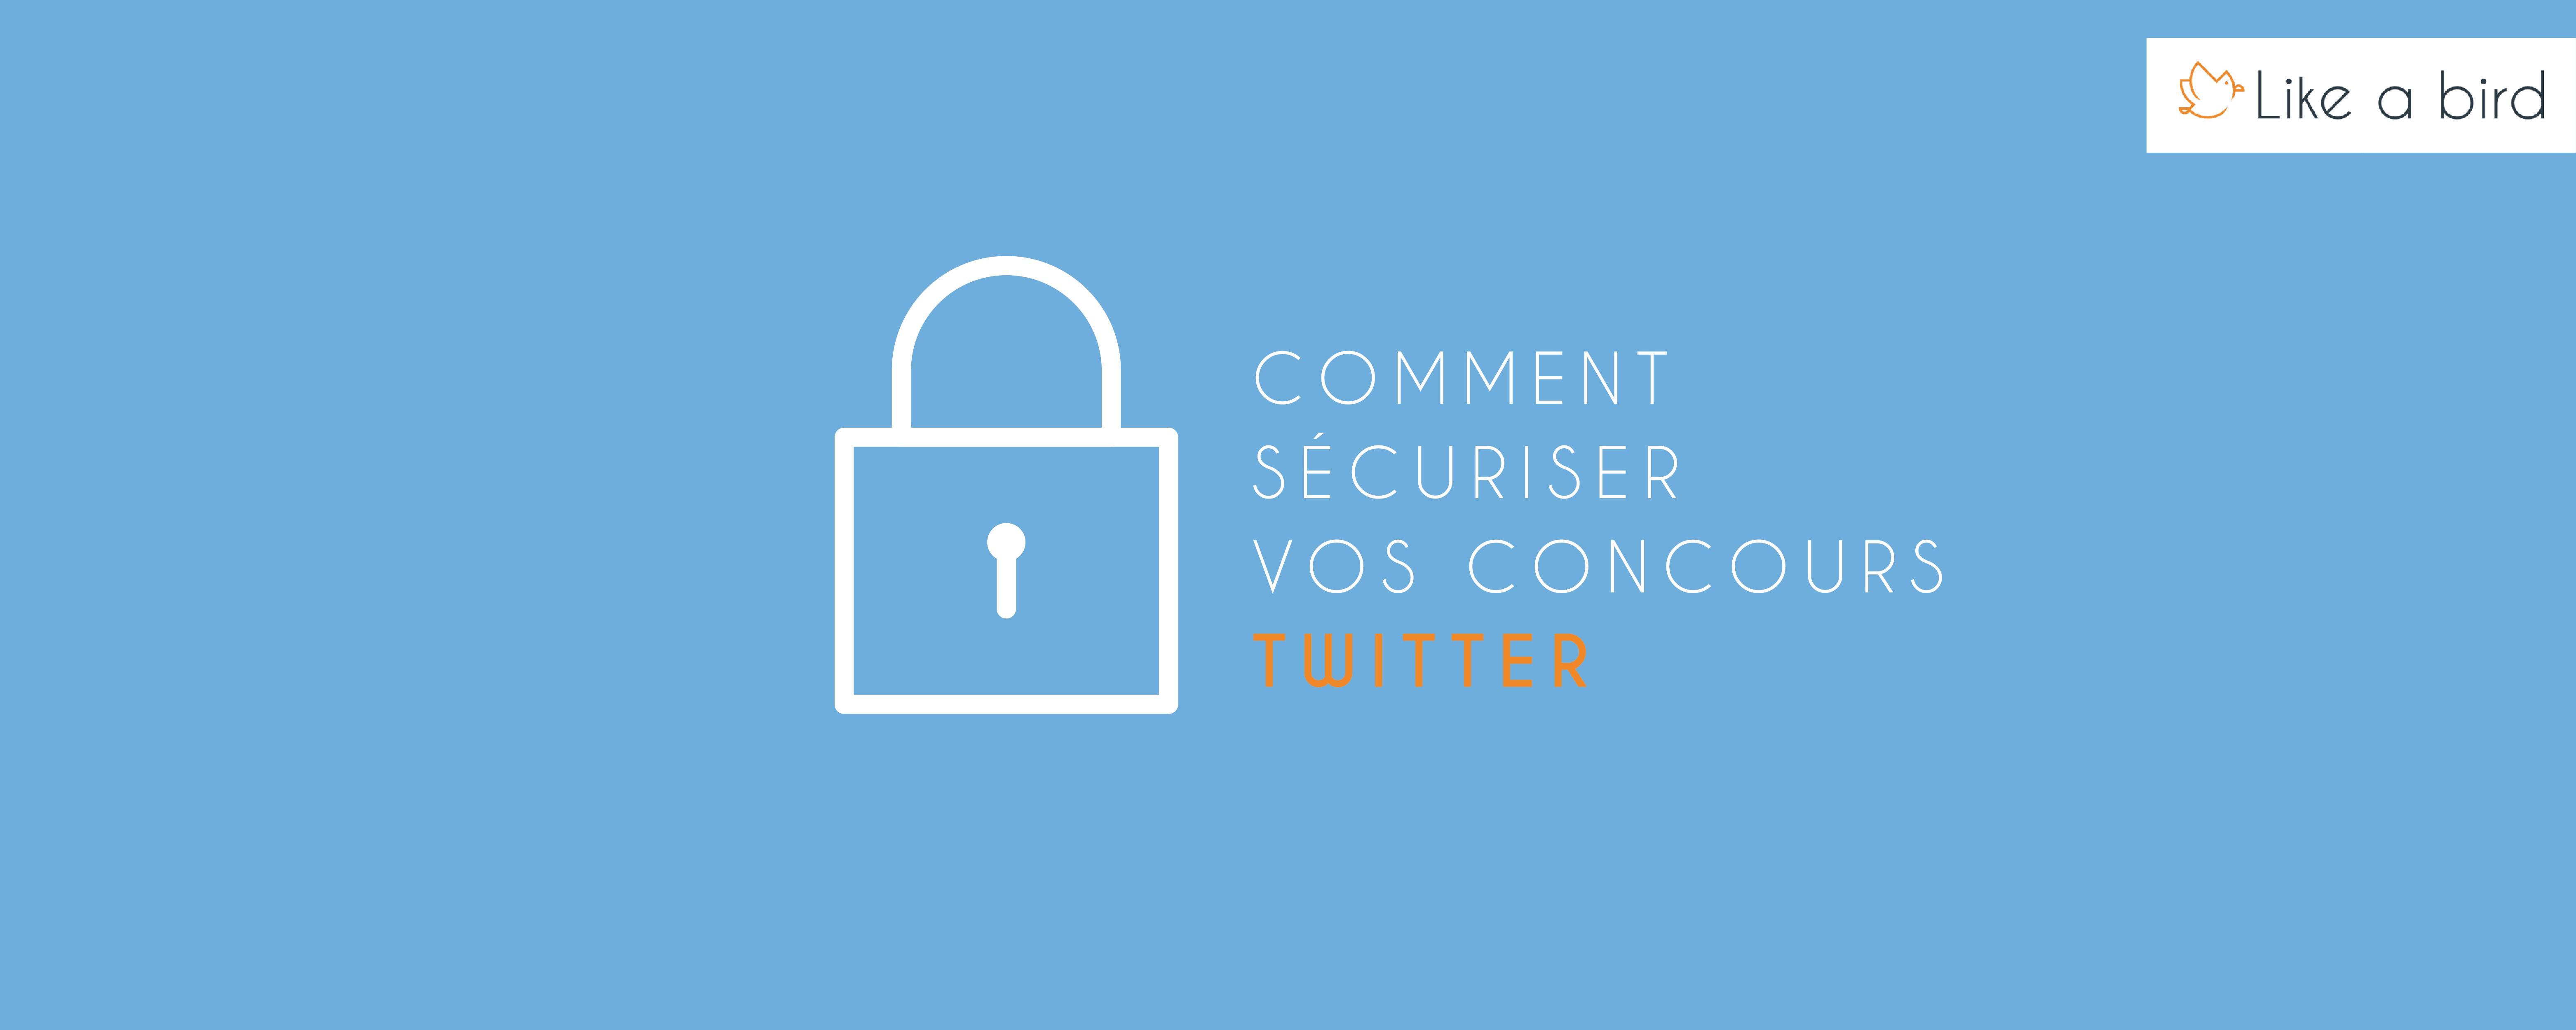 Comment sécuriser vos concours Twitter ?